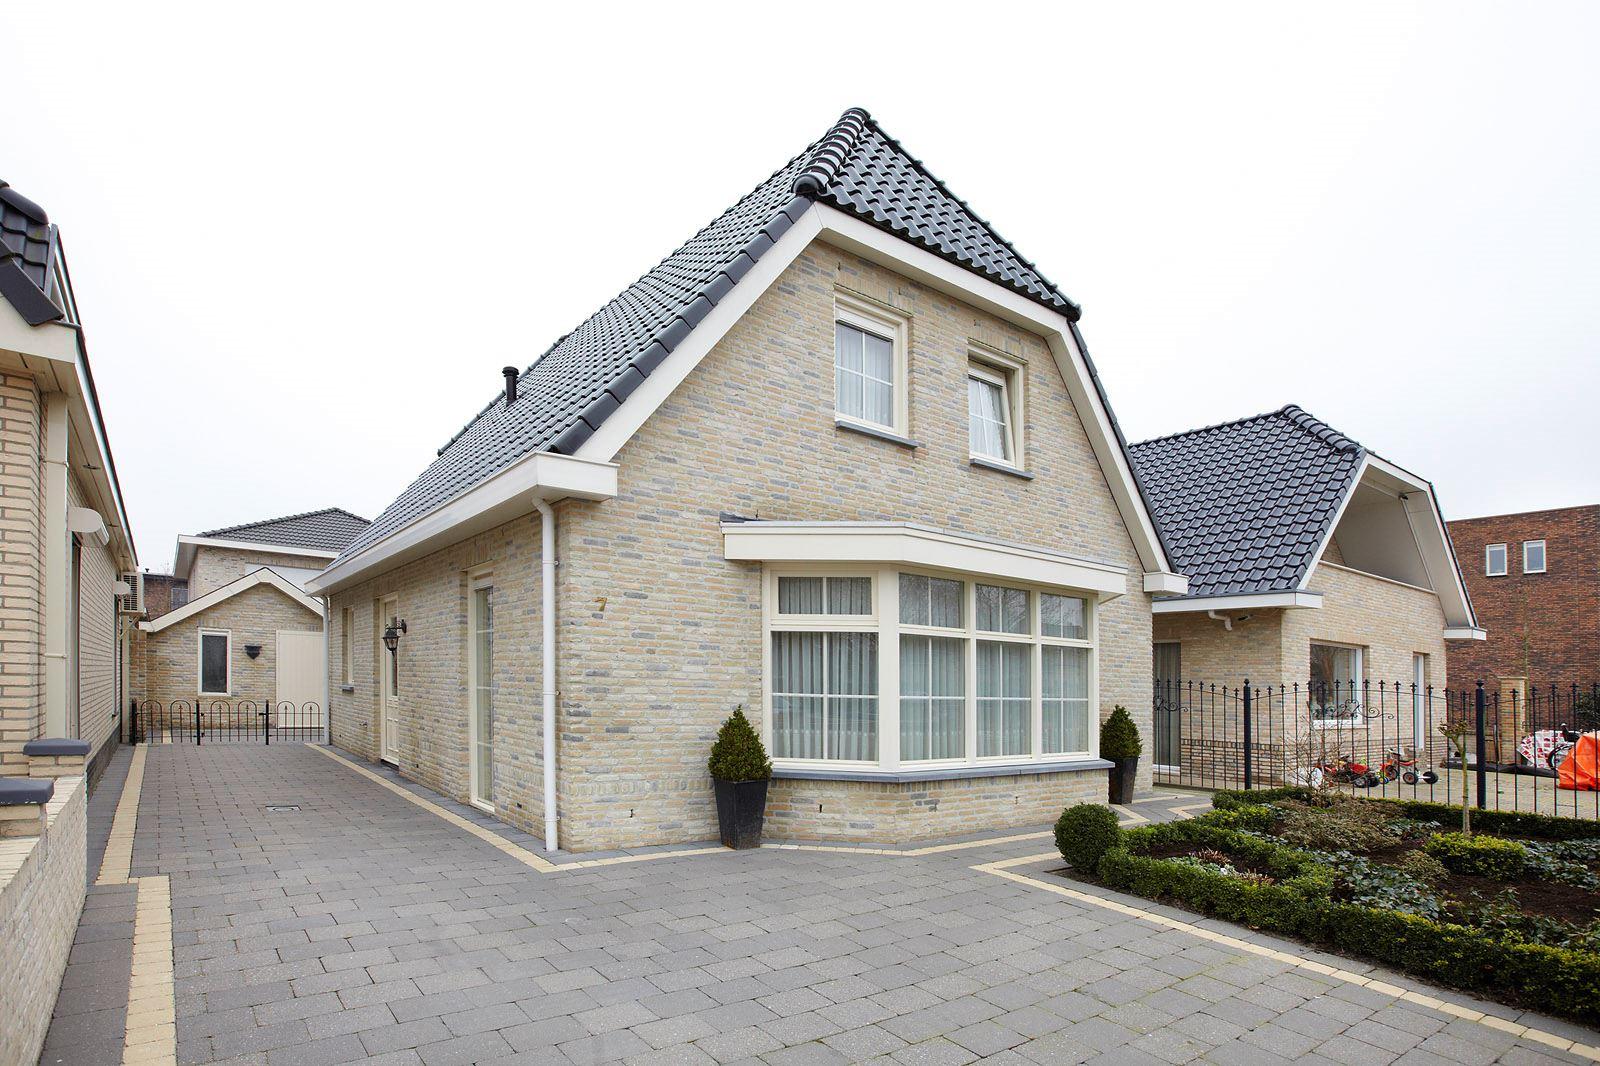 Huis te koop moeraszegge 7 4823 mh breda funda for Dubbel woonhuis te koop